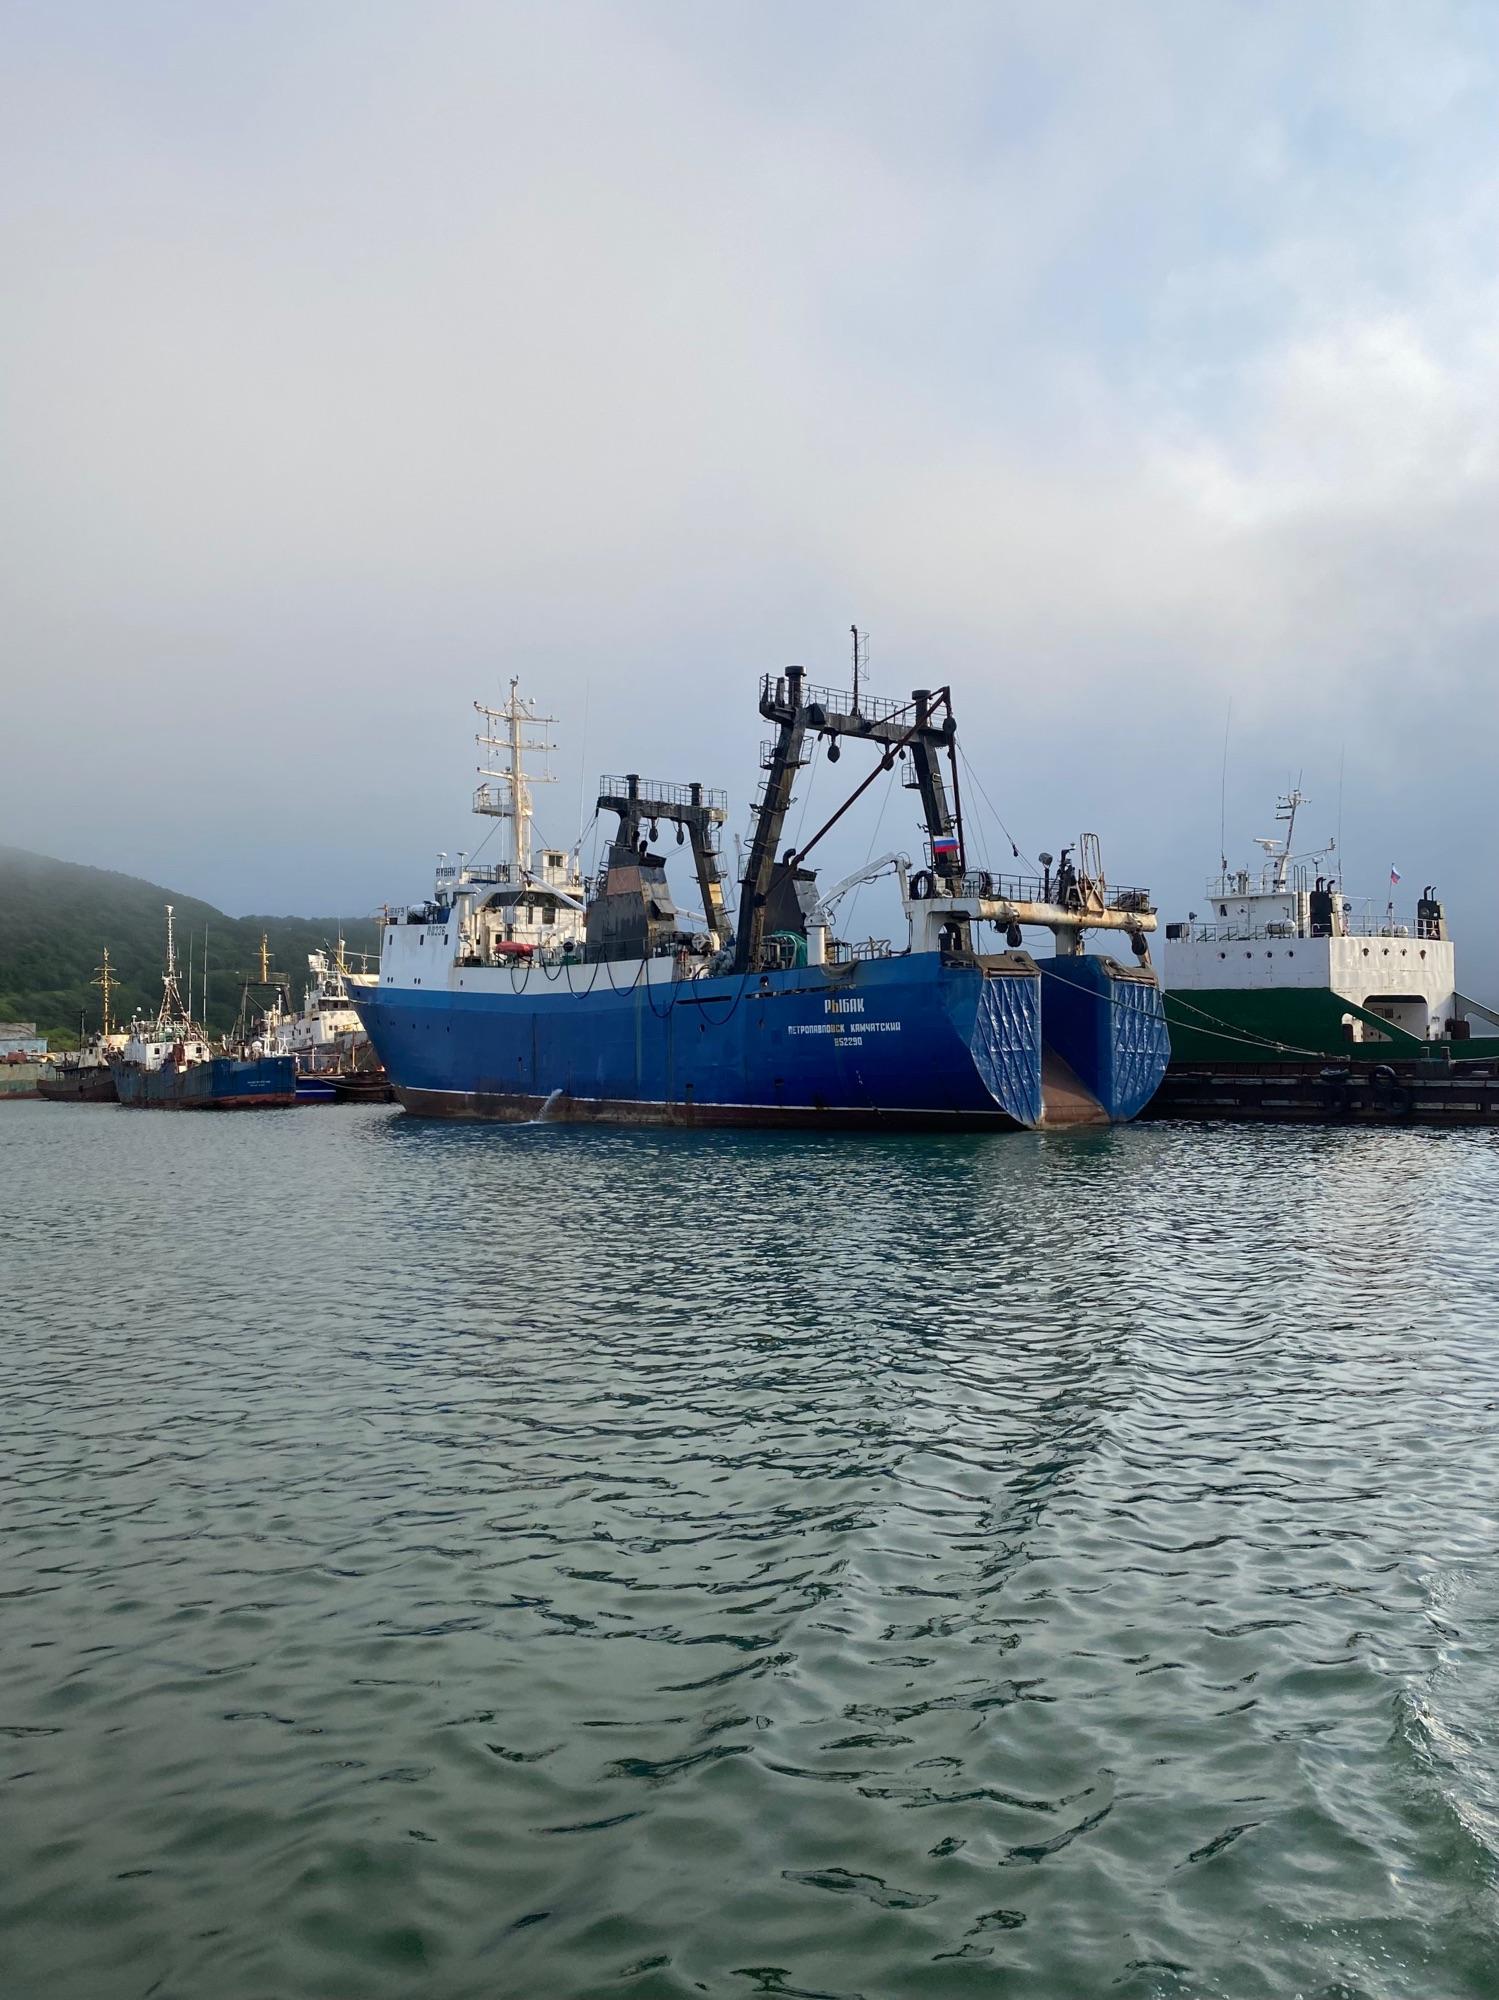 Вокруг много больших военных и рыболовных кораблей